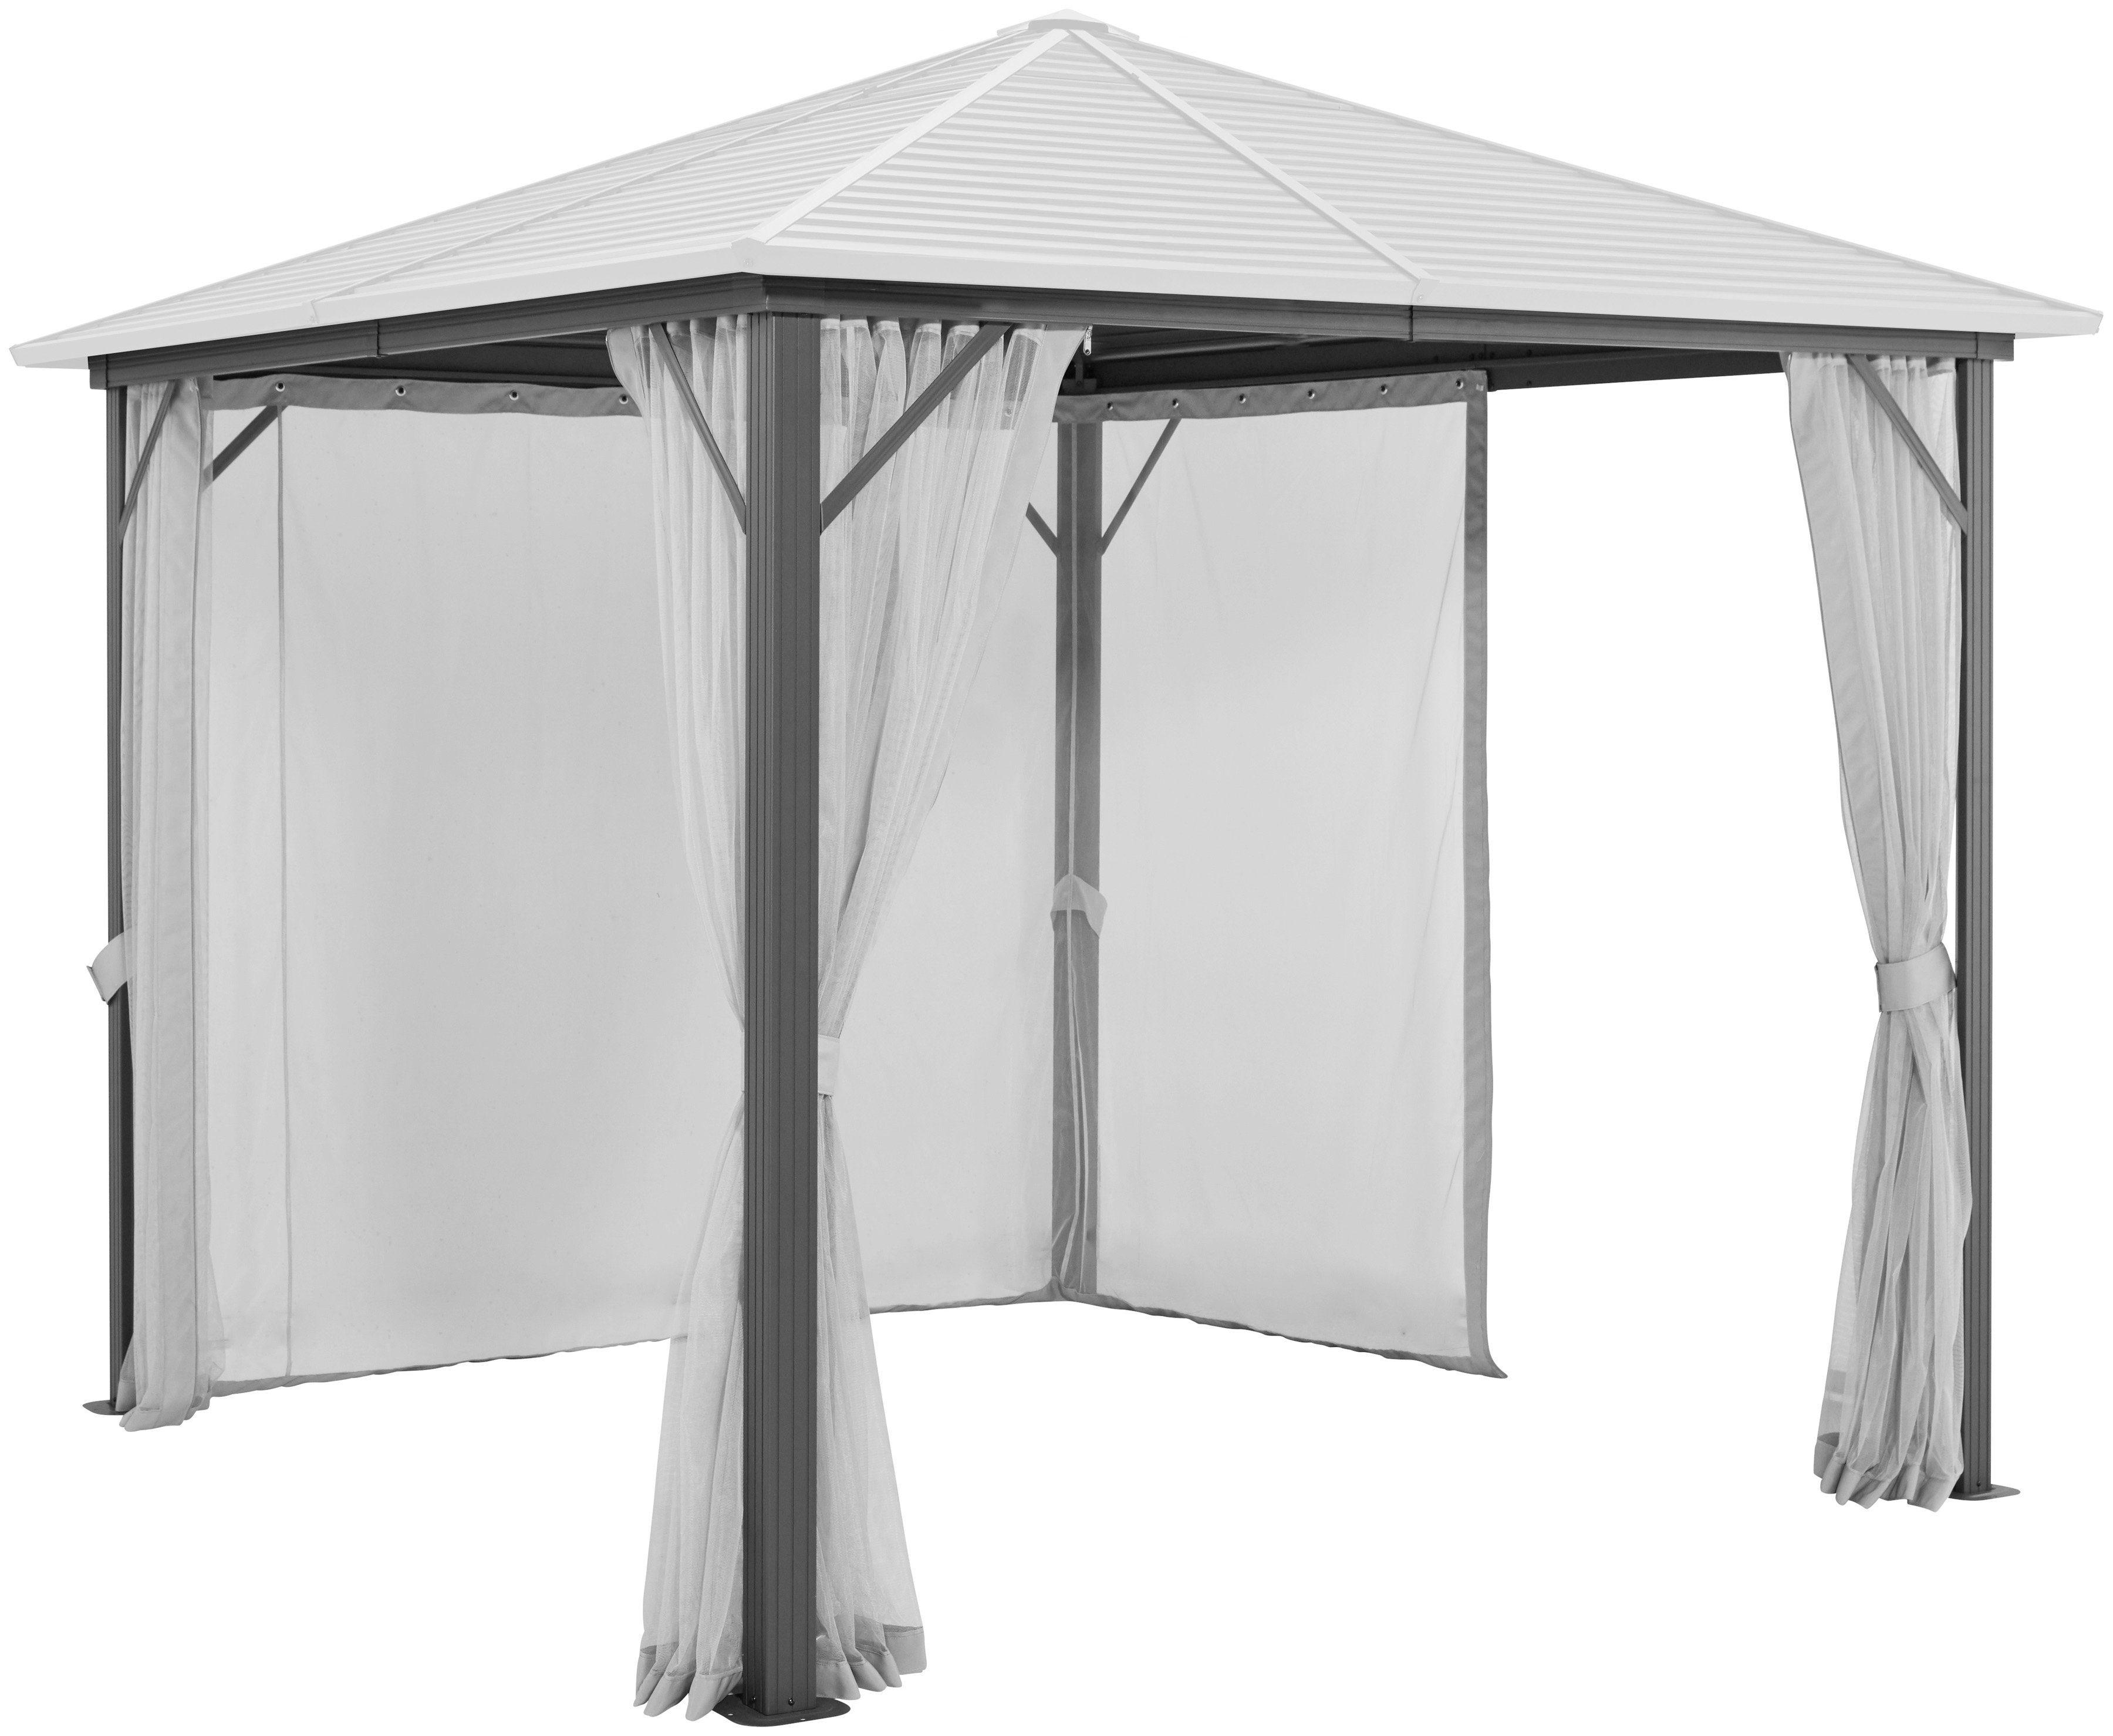 Seitenteile für Pavillon »Barbados«, für 3x3 m, 4 Stk., mit Moskitonetz